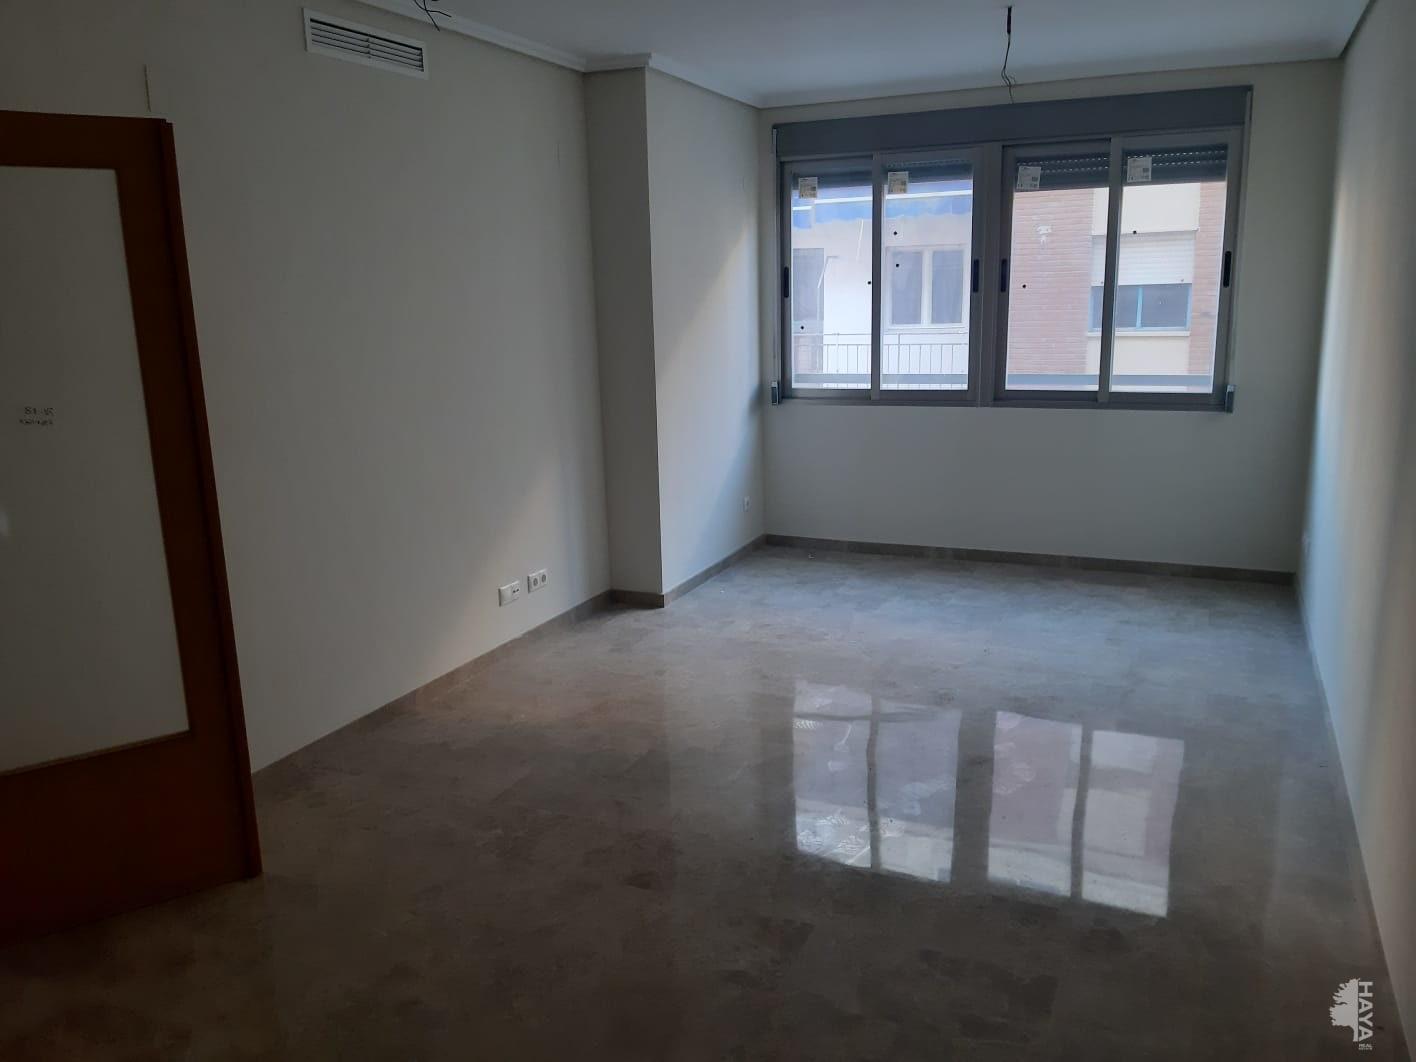 Piso en venta en Carlet, Valencia, Calle Cl, 74.000 €, 3 habitaciones, 1 baño, 117 m2